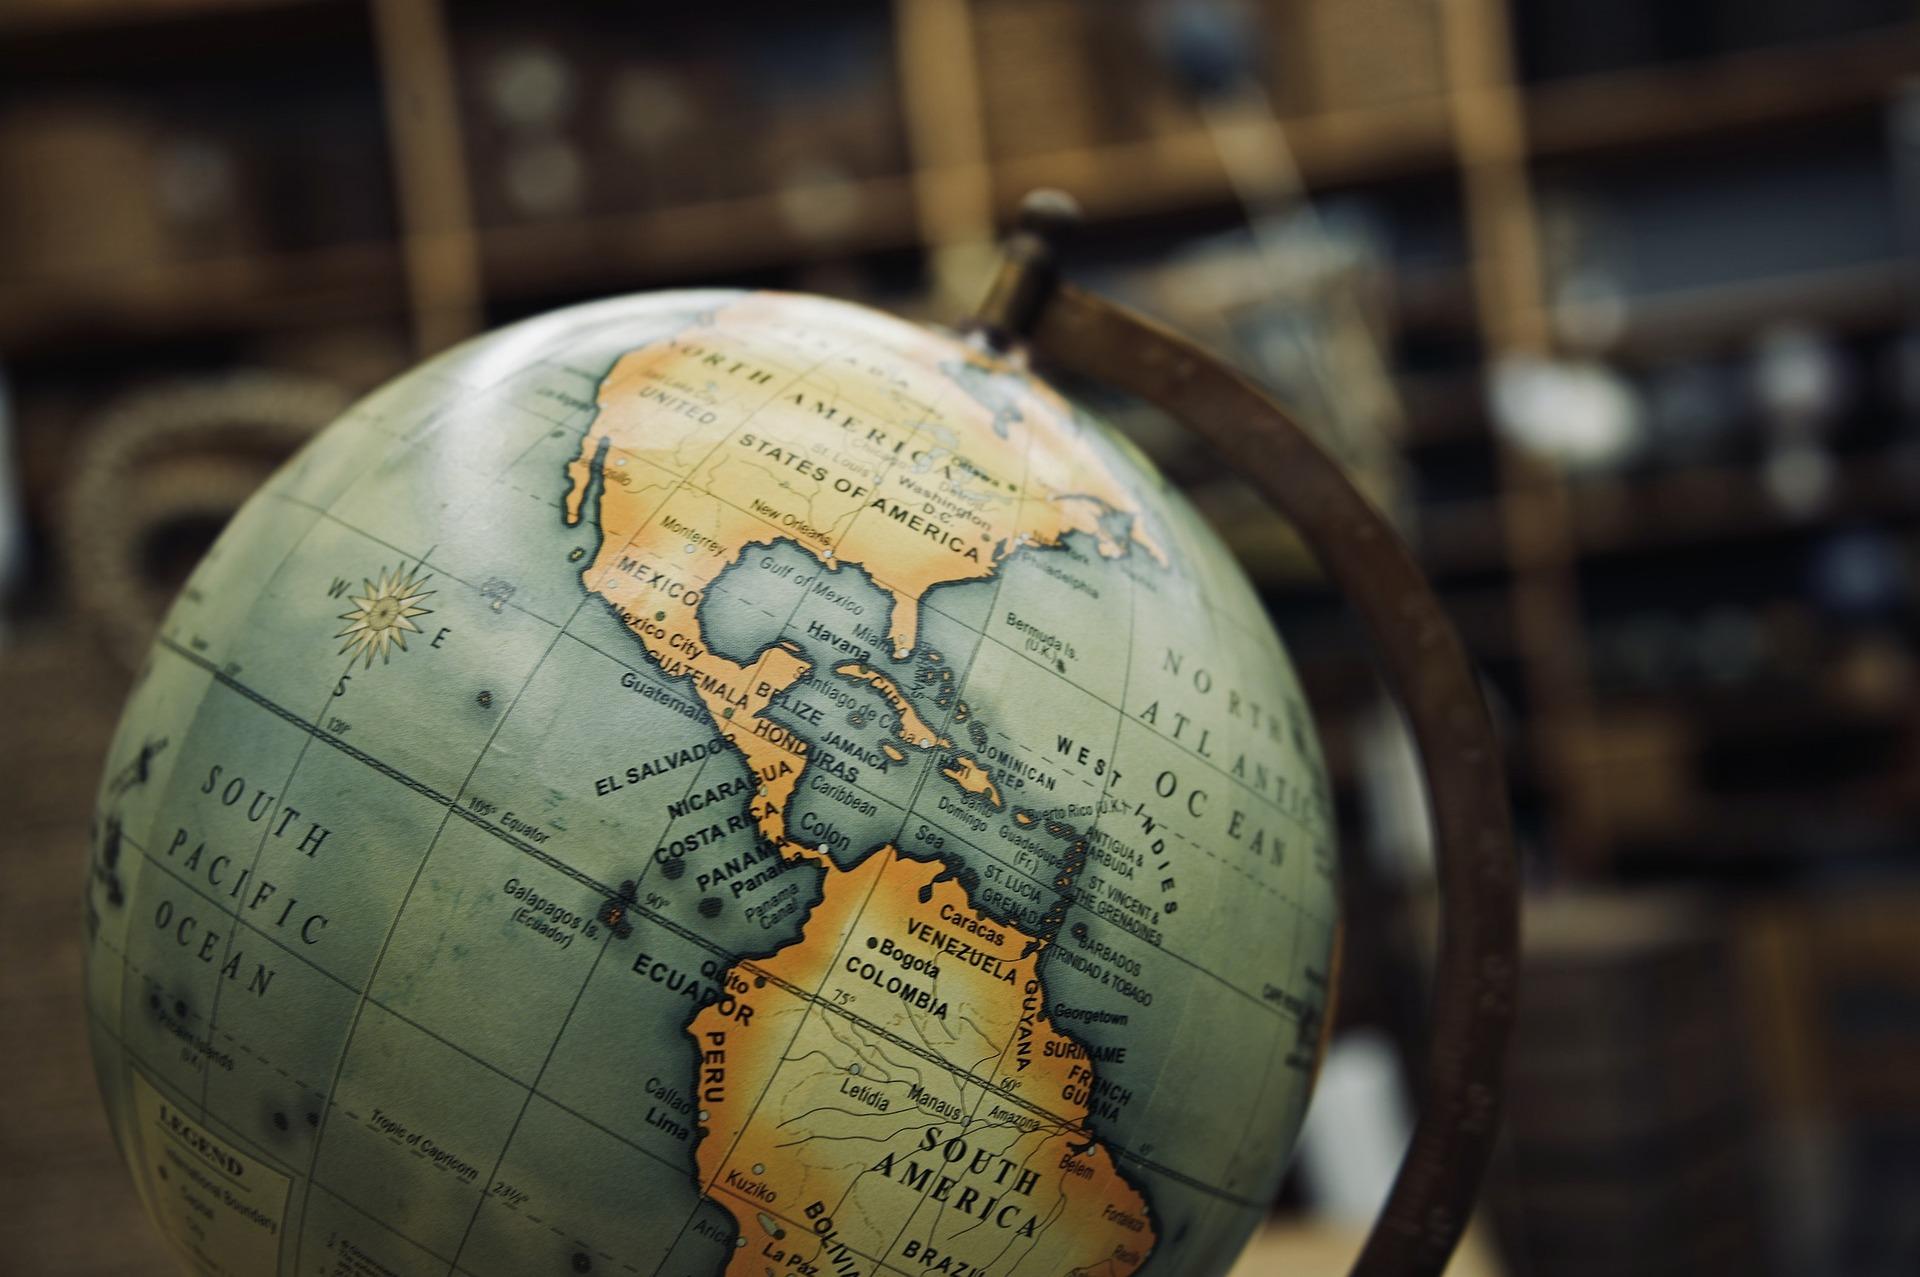 Autoridades policiales en México afirman que las criptomonedas ganan espacio en América Latina entre las organizaciones criminales que buscan lavar dinero